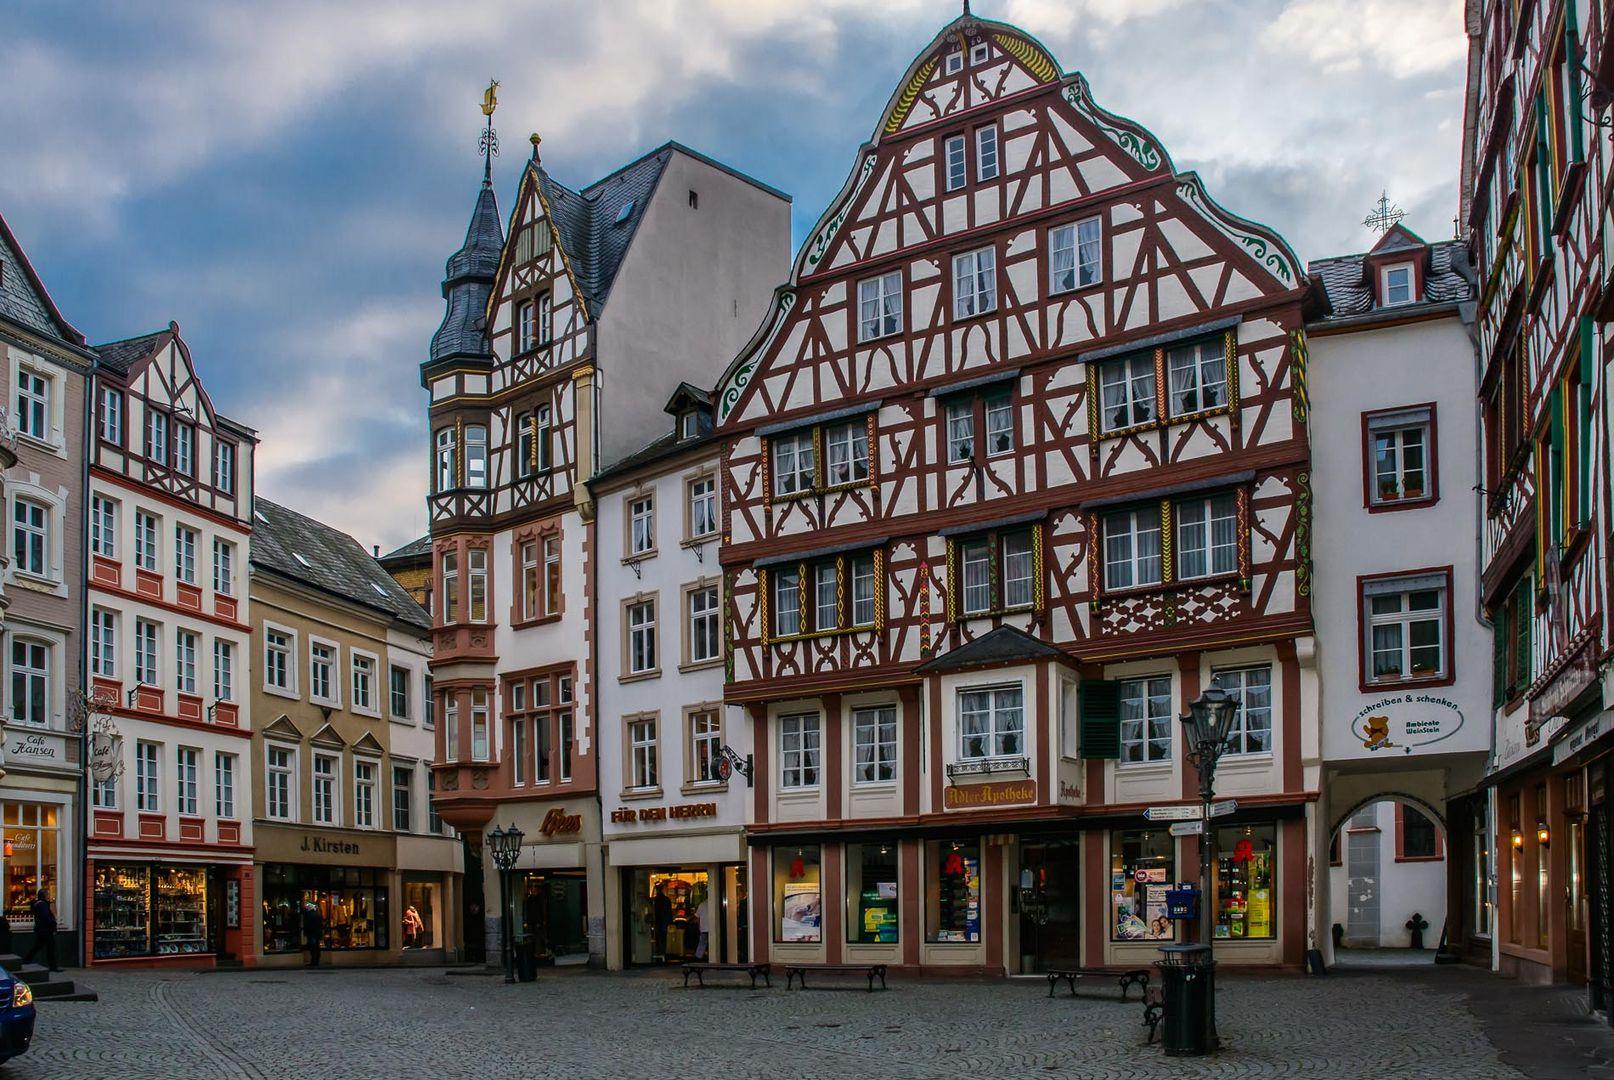 Schöne alte Fachwerkhäuser